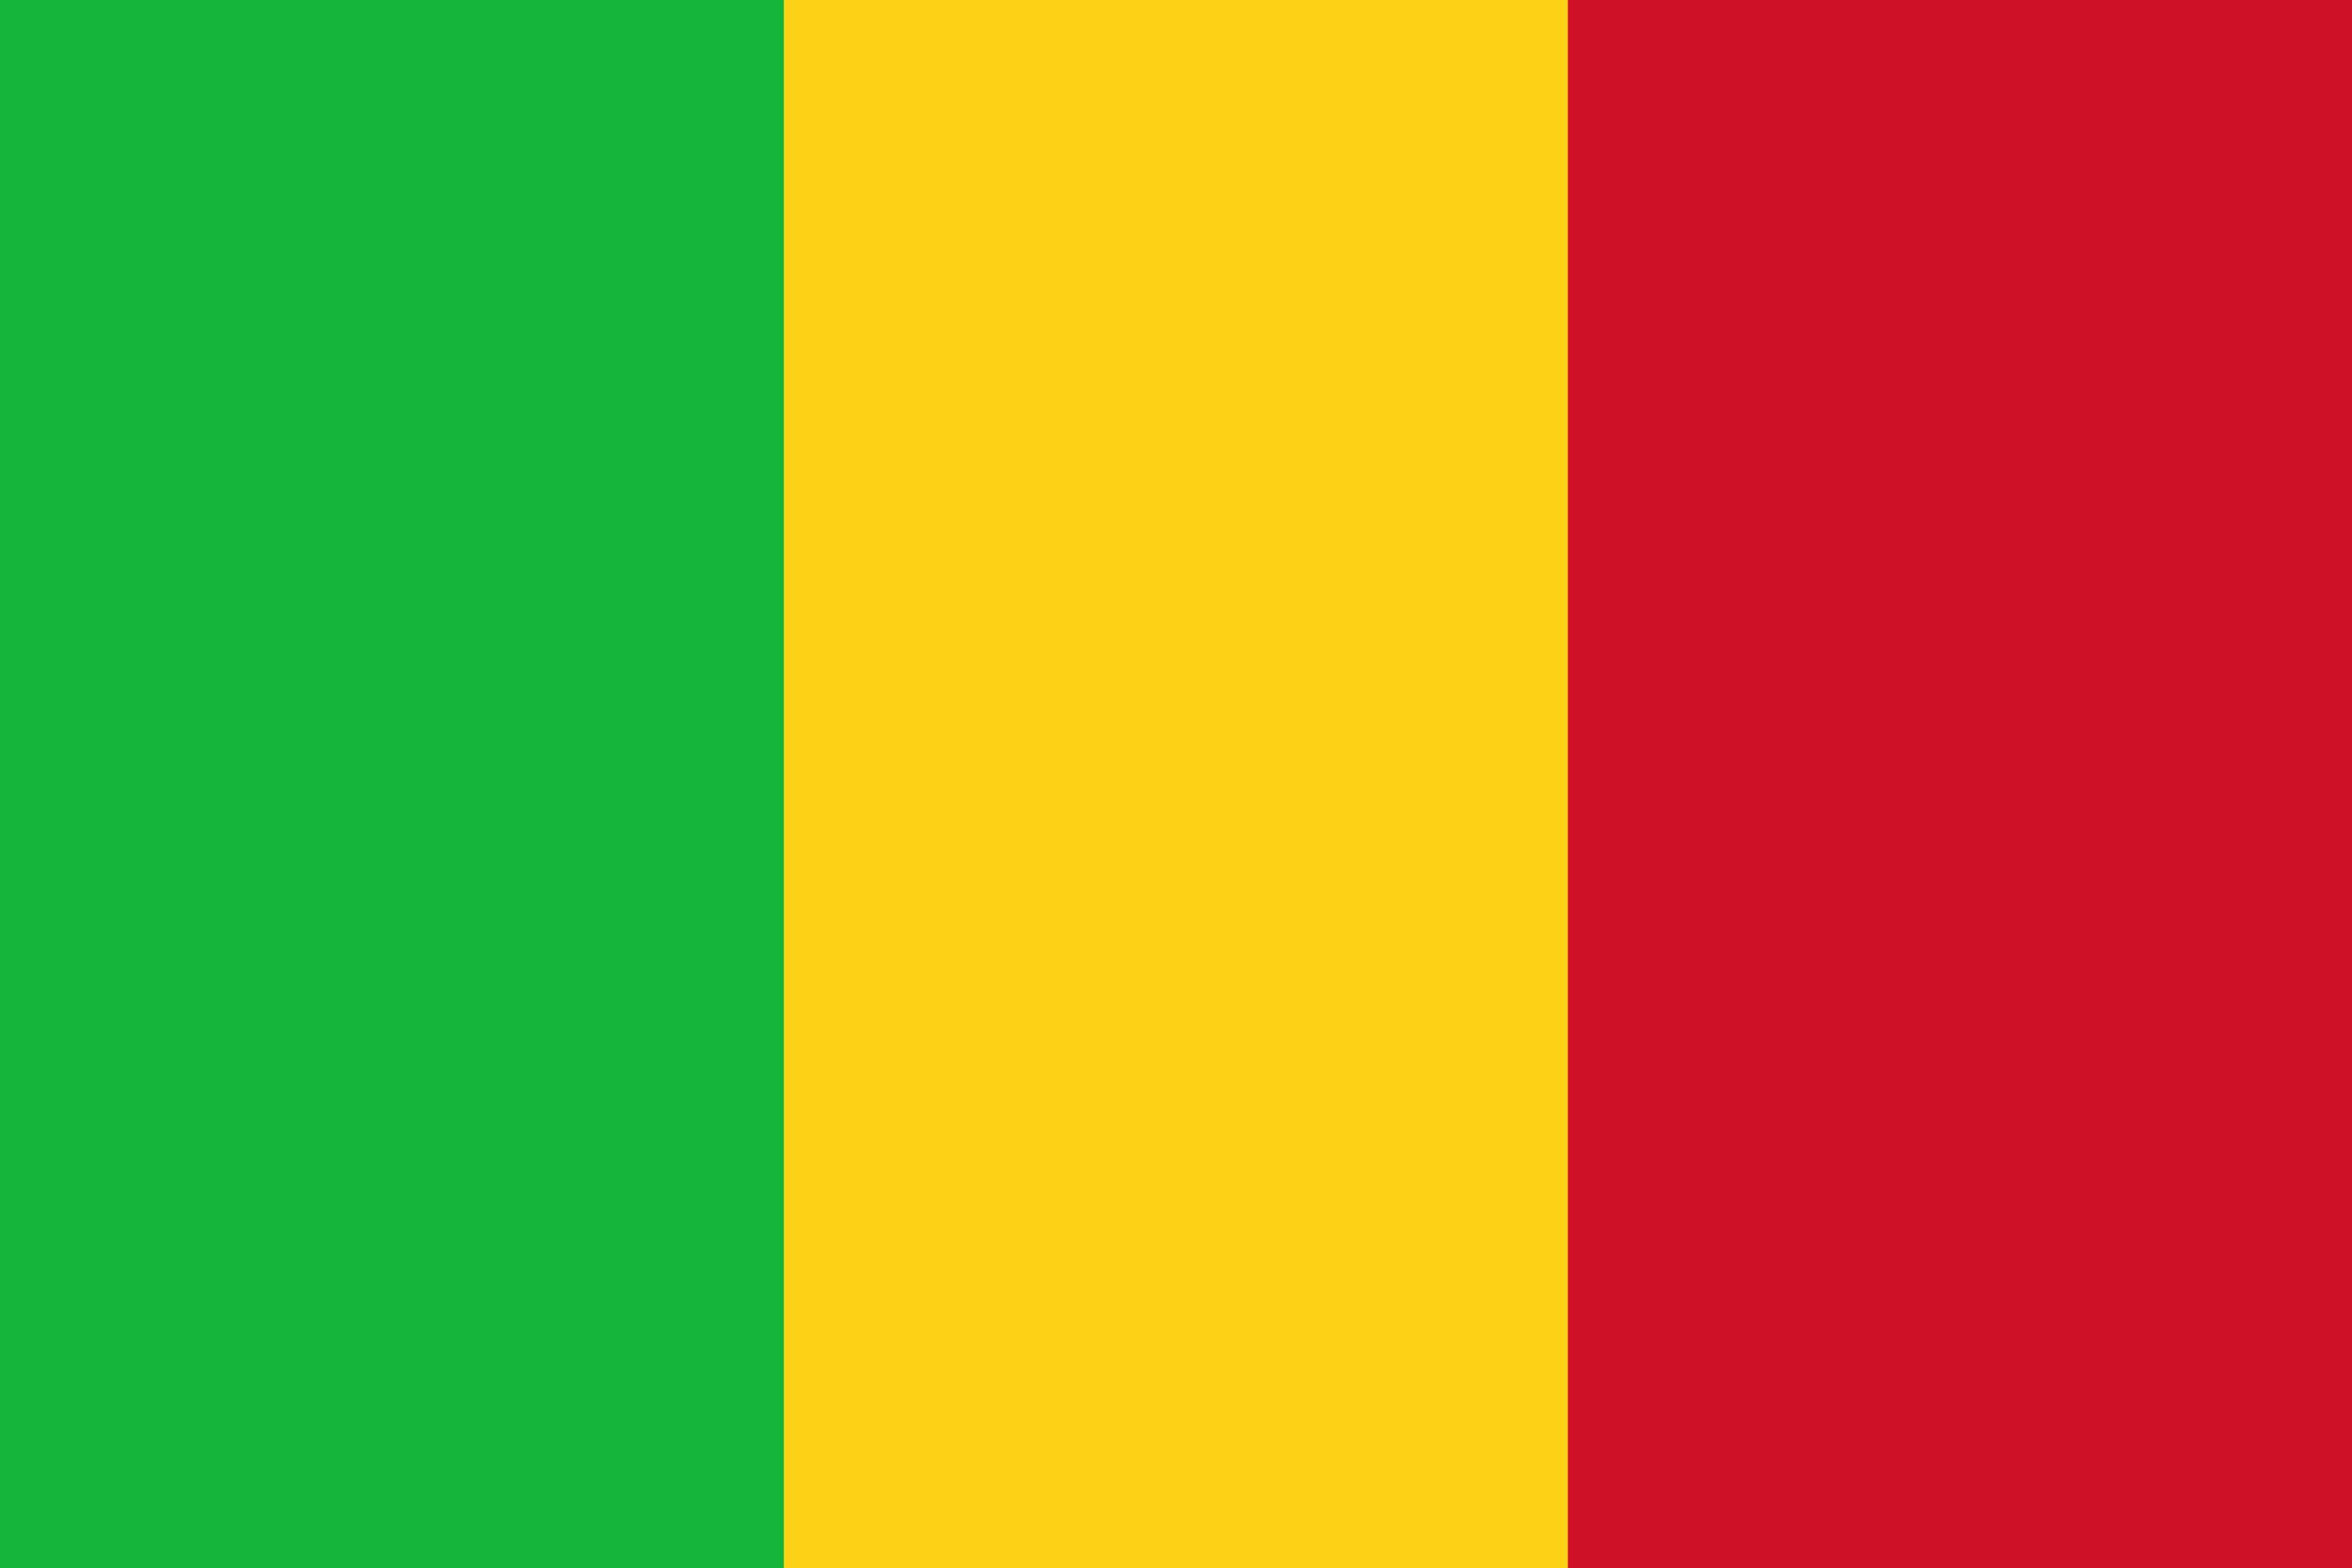 Mali, país, Brasão de armas, logotipo, símbolo - Papéis de parede HD - Professor-falken.com